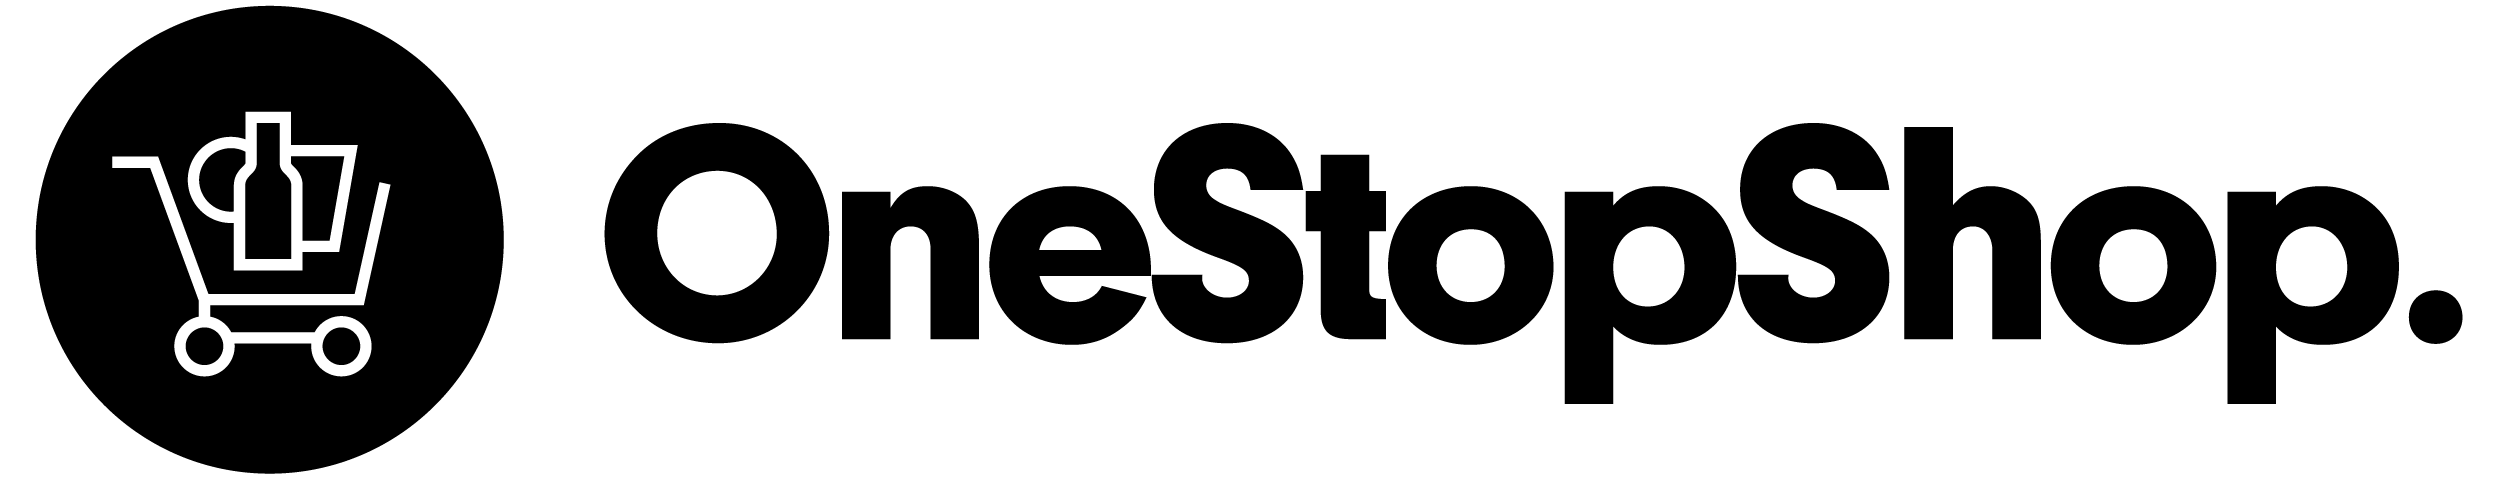 oss-logo-original